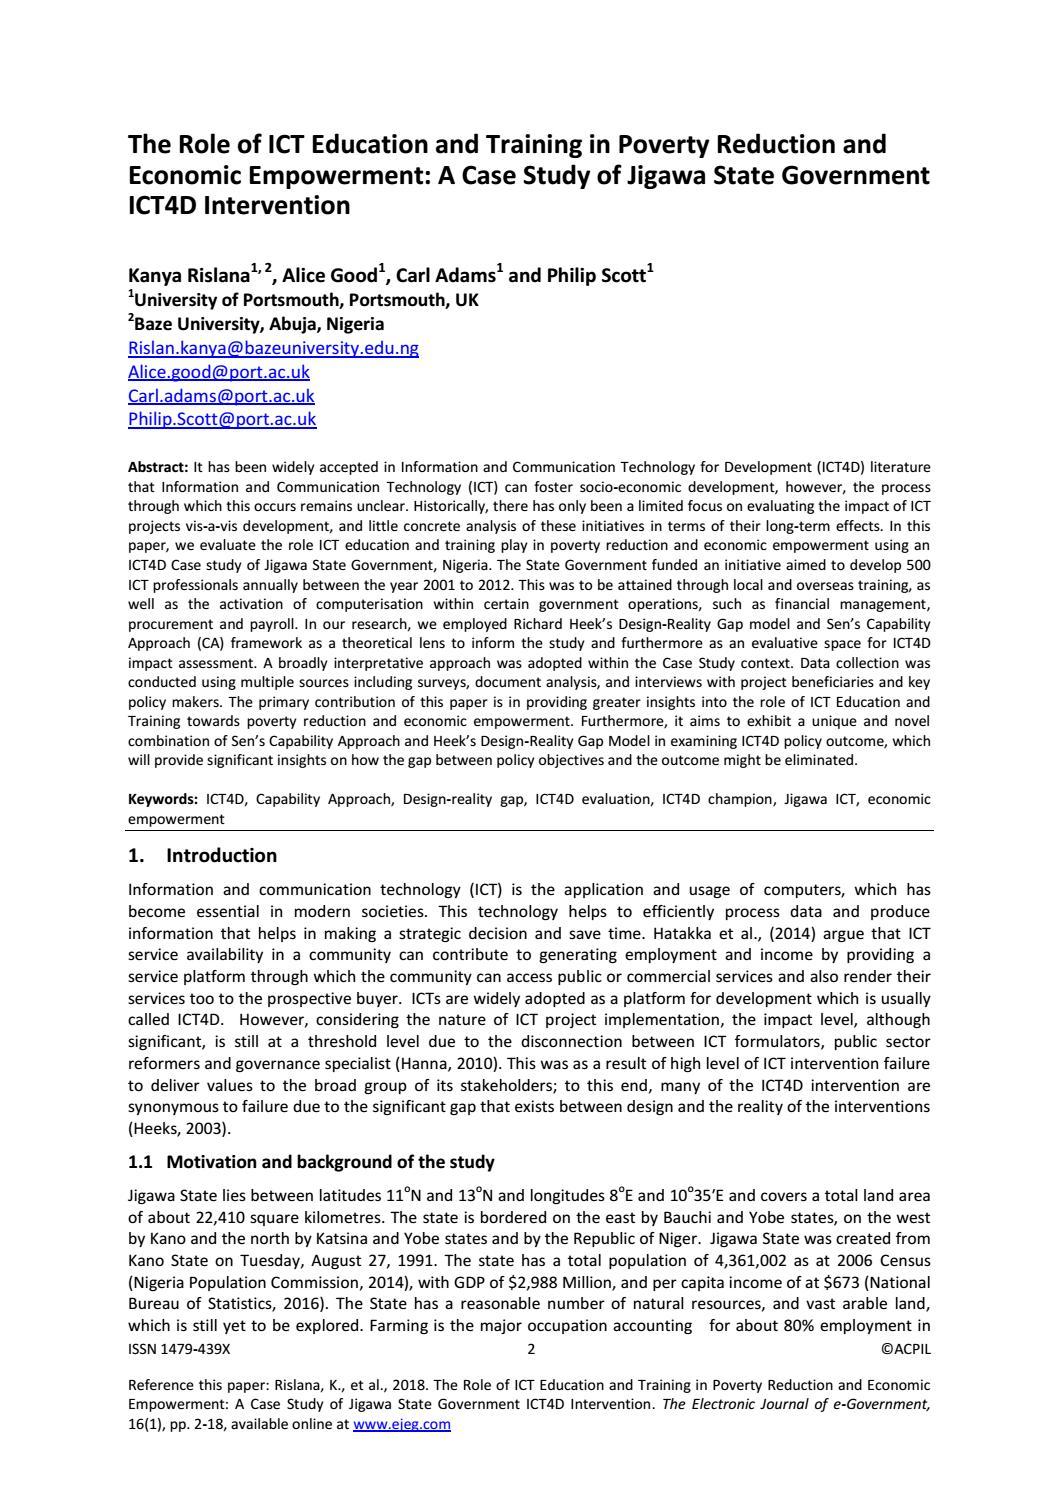 Vanderbilt dissertation abstract